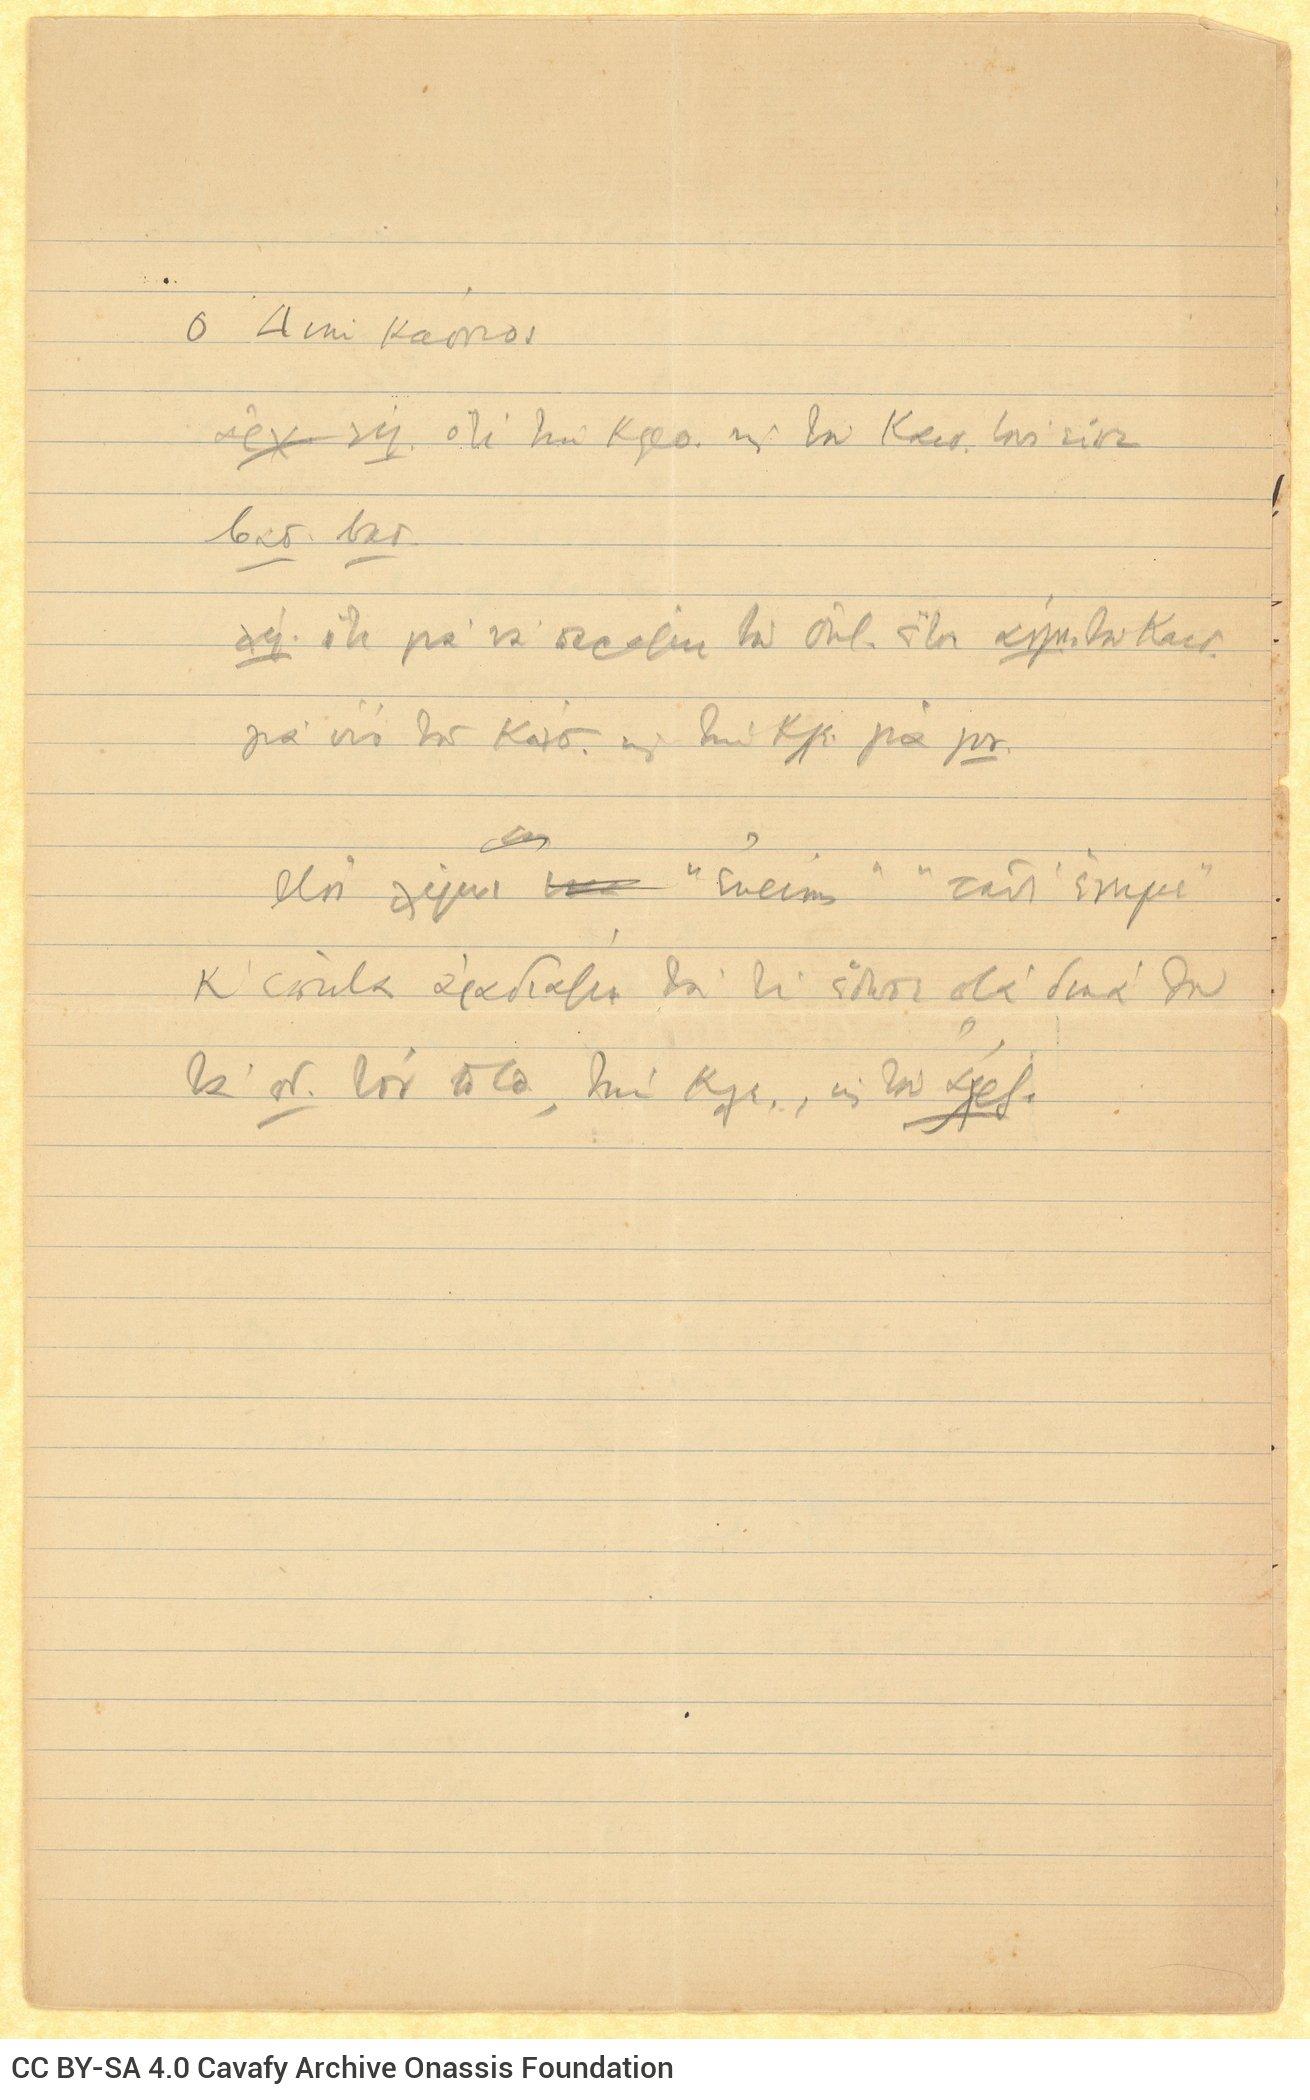 Βραχυγραφημένες σημειώσεις με μολύβι στην πρώτη σελίδα διαγραμμι�